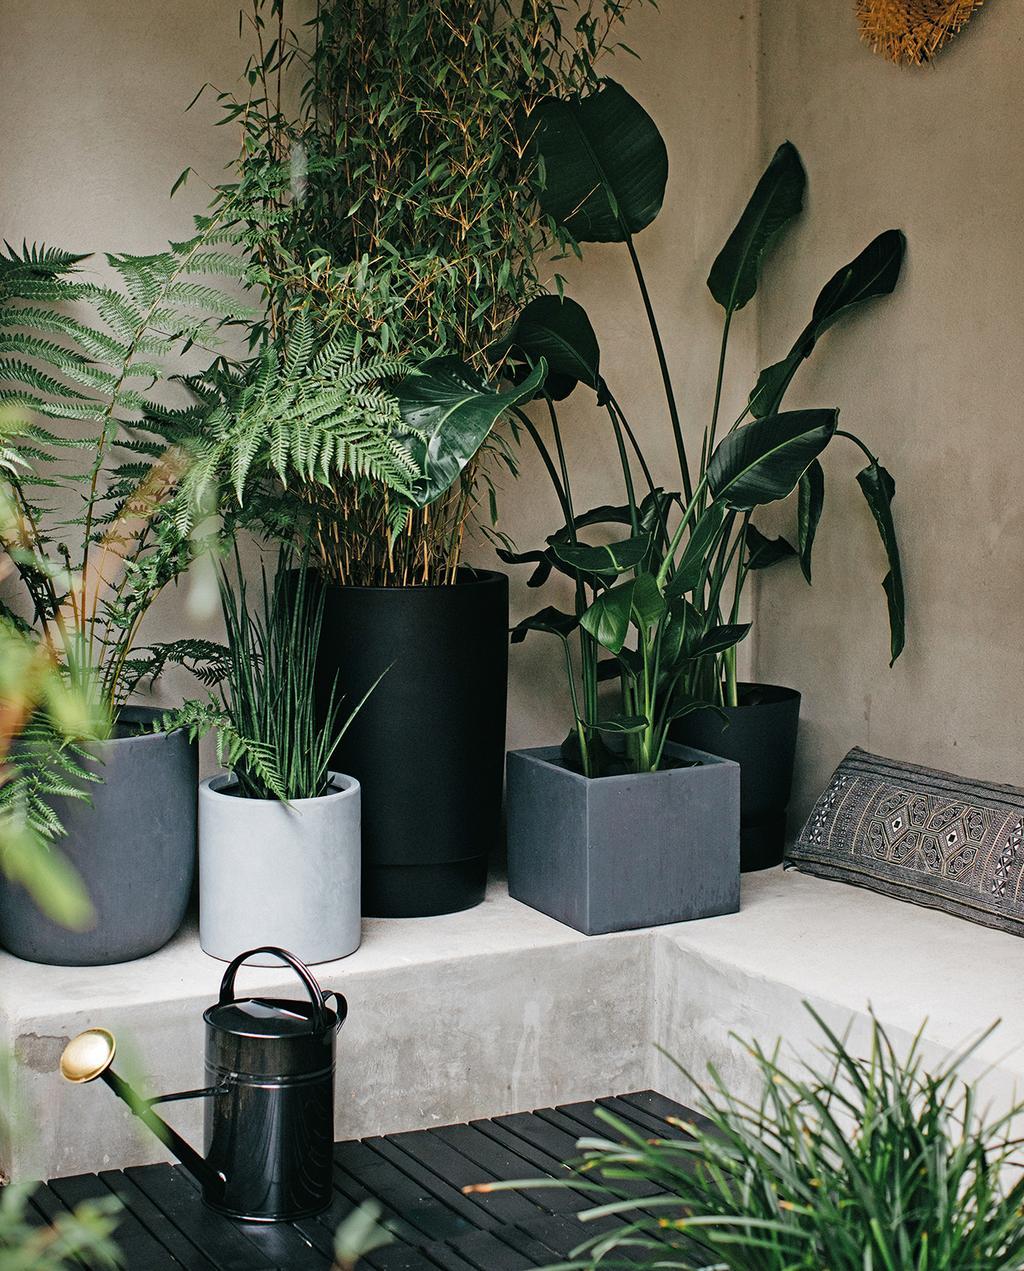 vtwonen tuin special 1 2020 | plantenpotten grijstinten gevuld met planten